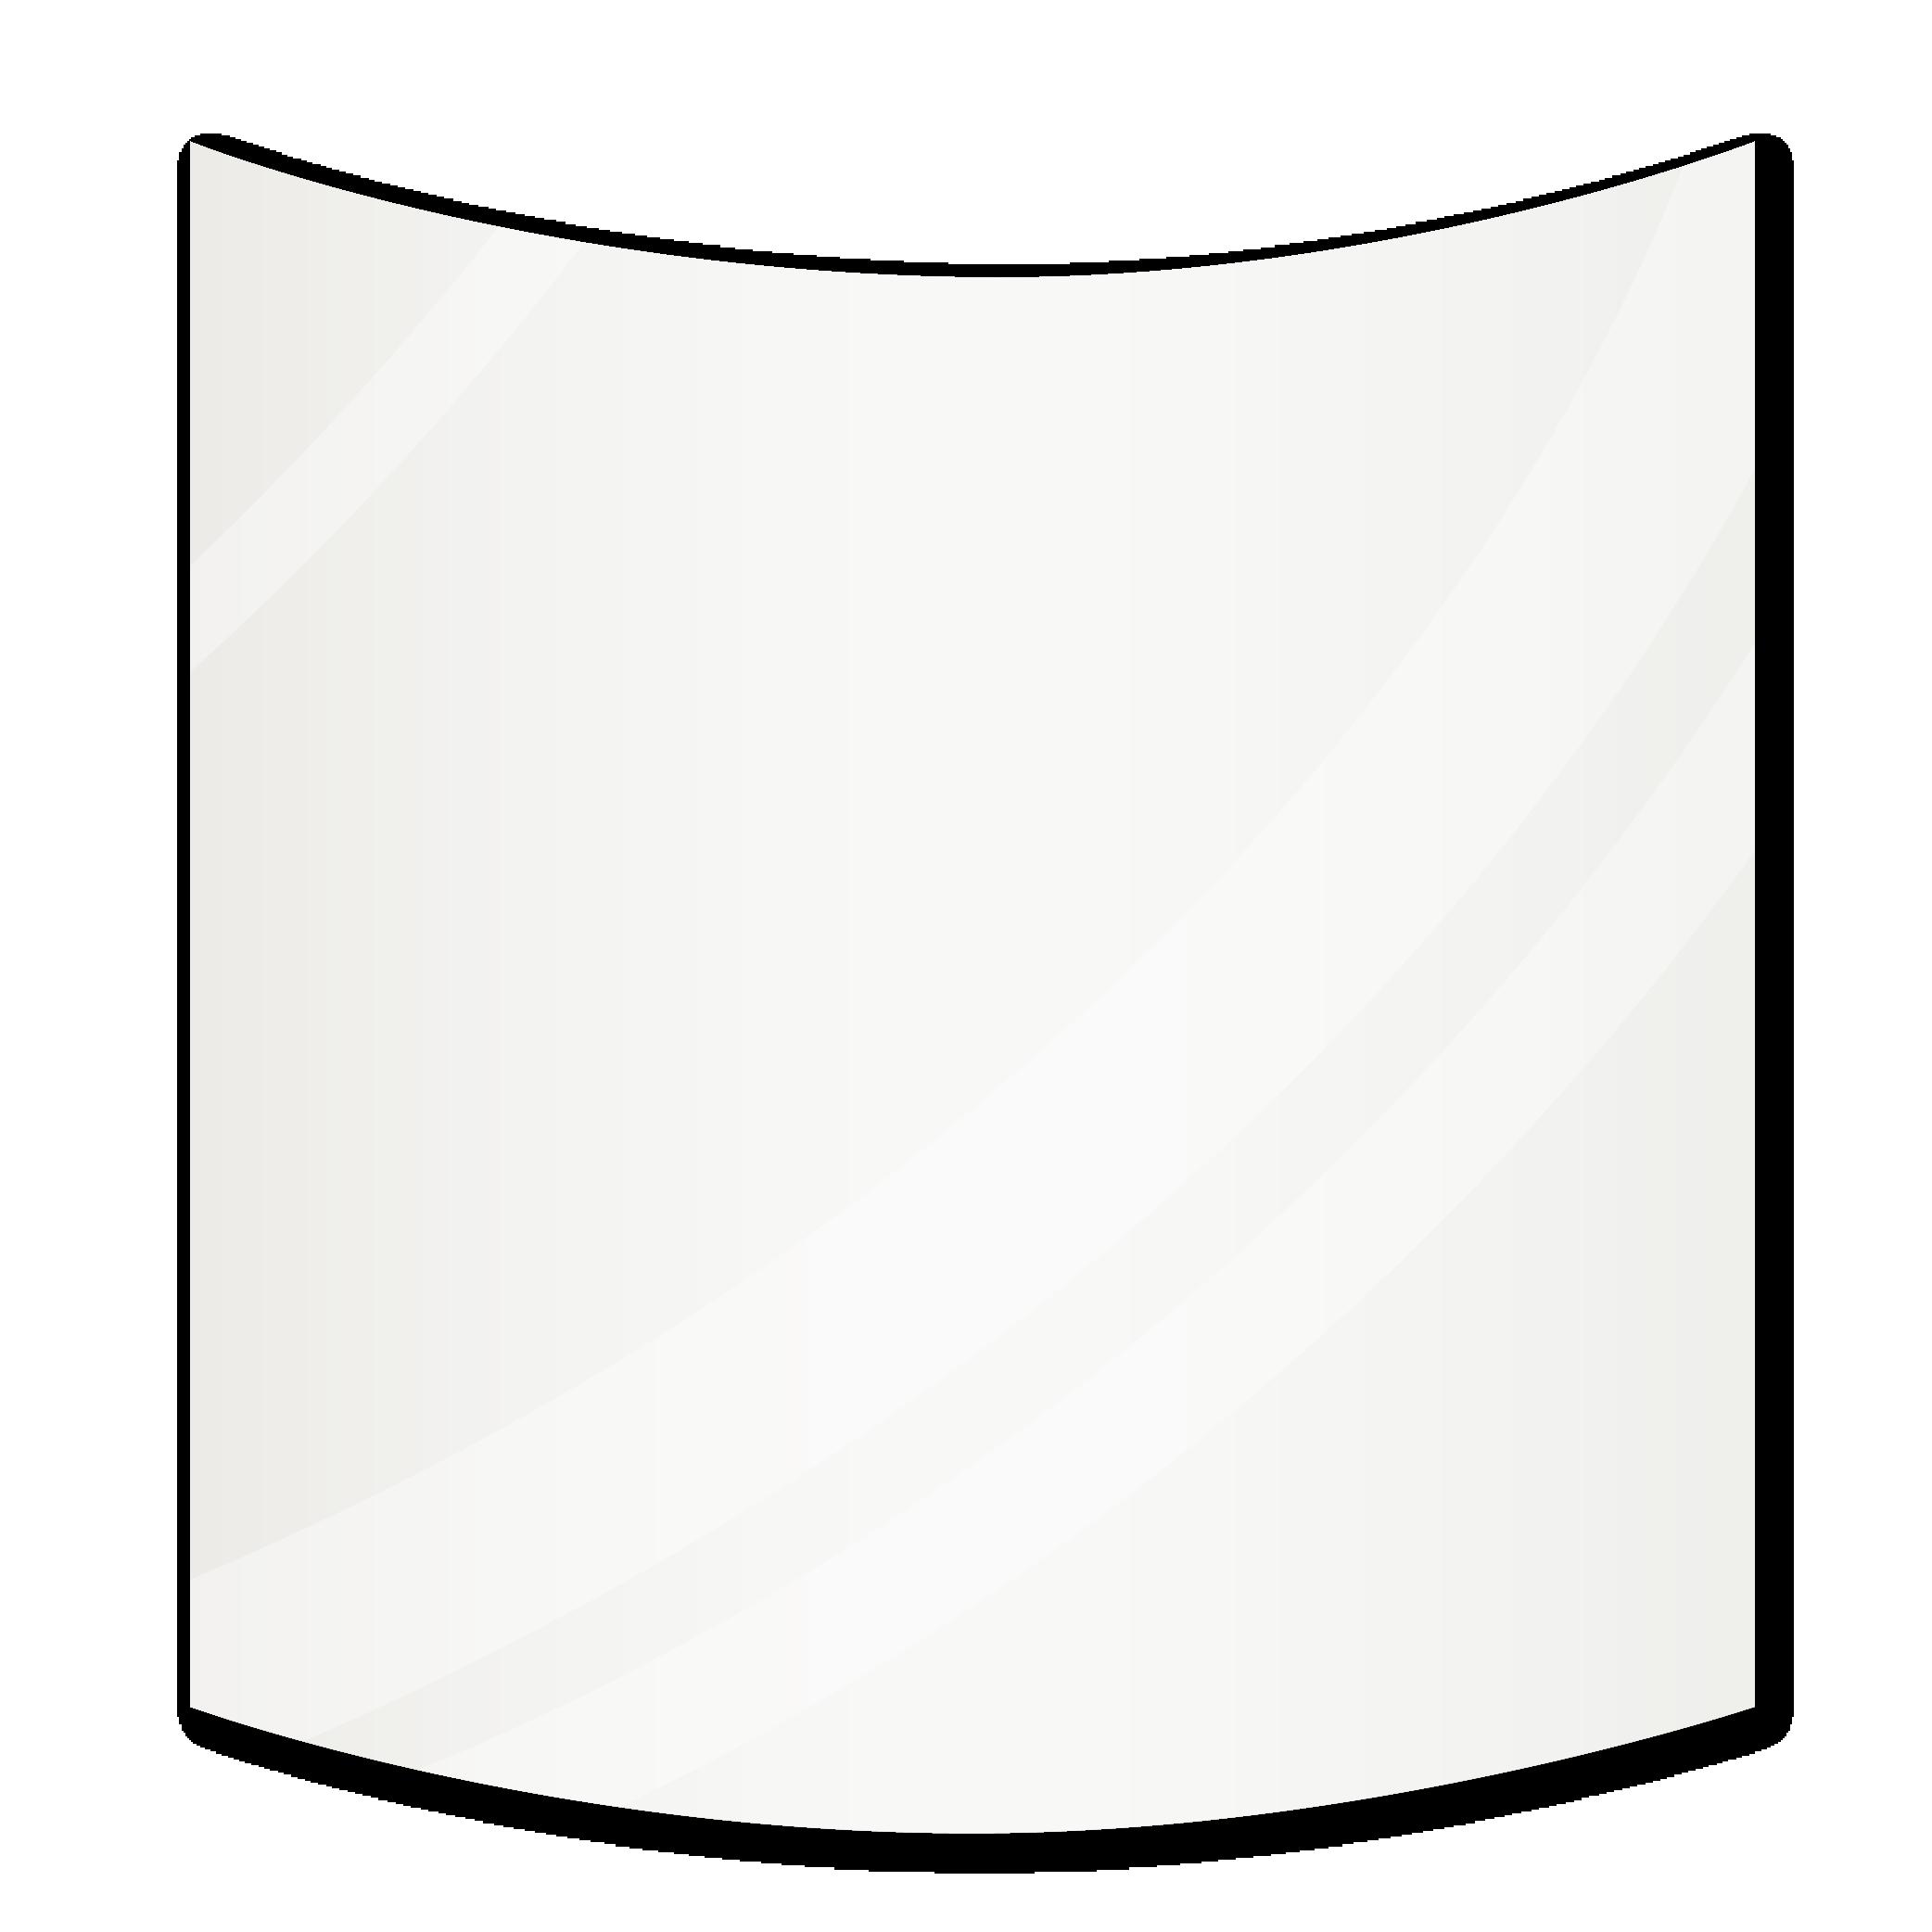 Зеркало с радиусными углами 1700×800 мм осветленное с еврокромкой и креплением на клей